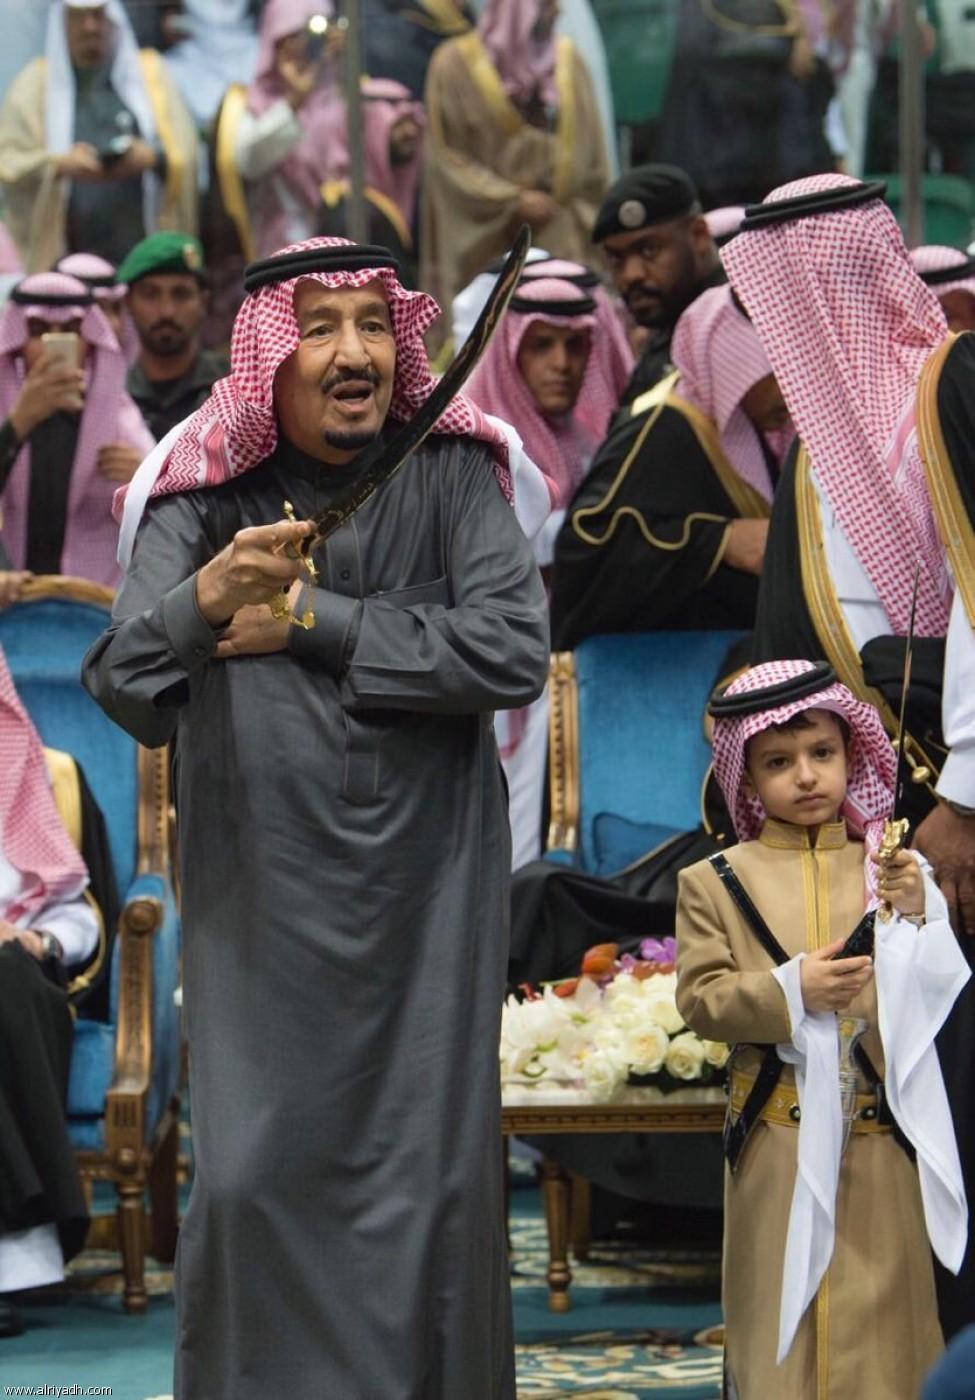 صورة تحت بيرق سيدي سمعا وطاعه كلمات , كلمات العرضه النجدية السعوديه 11964 1